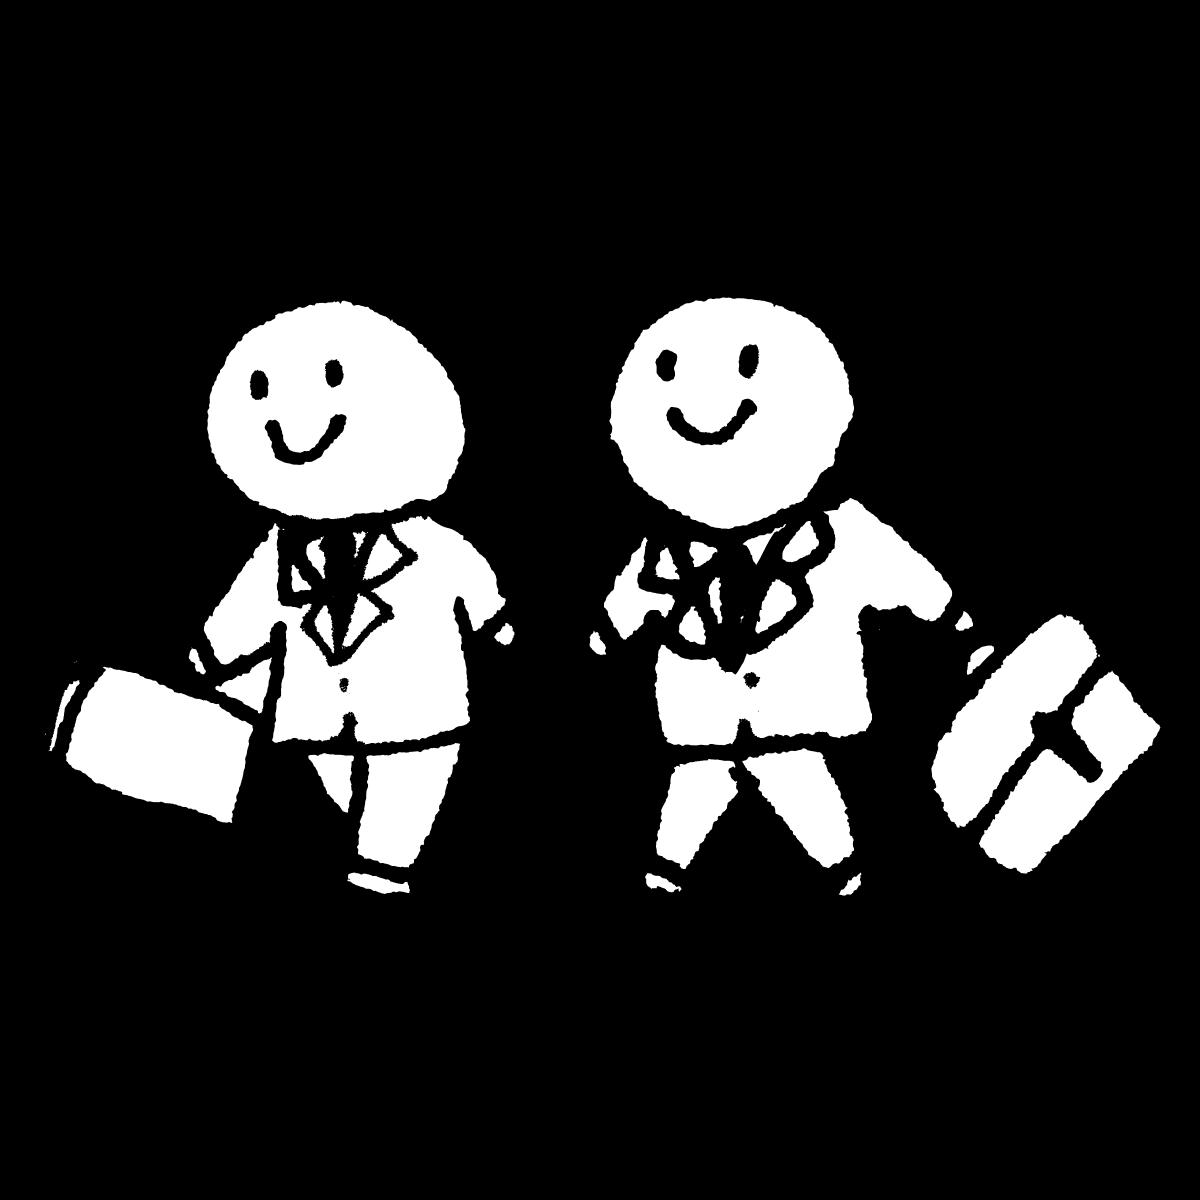 歩く2人のサラリーマンのイラスト / Two office workers walking Illustration